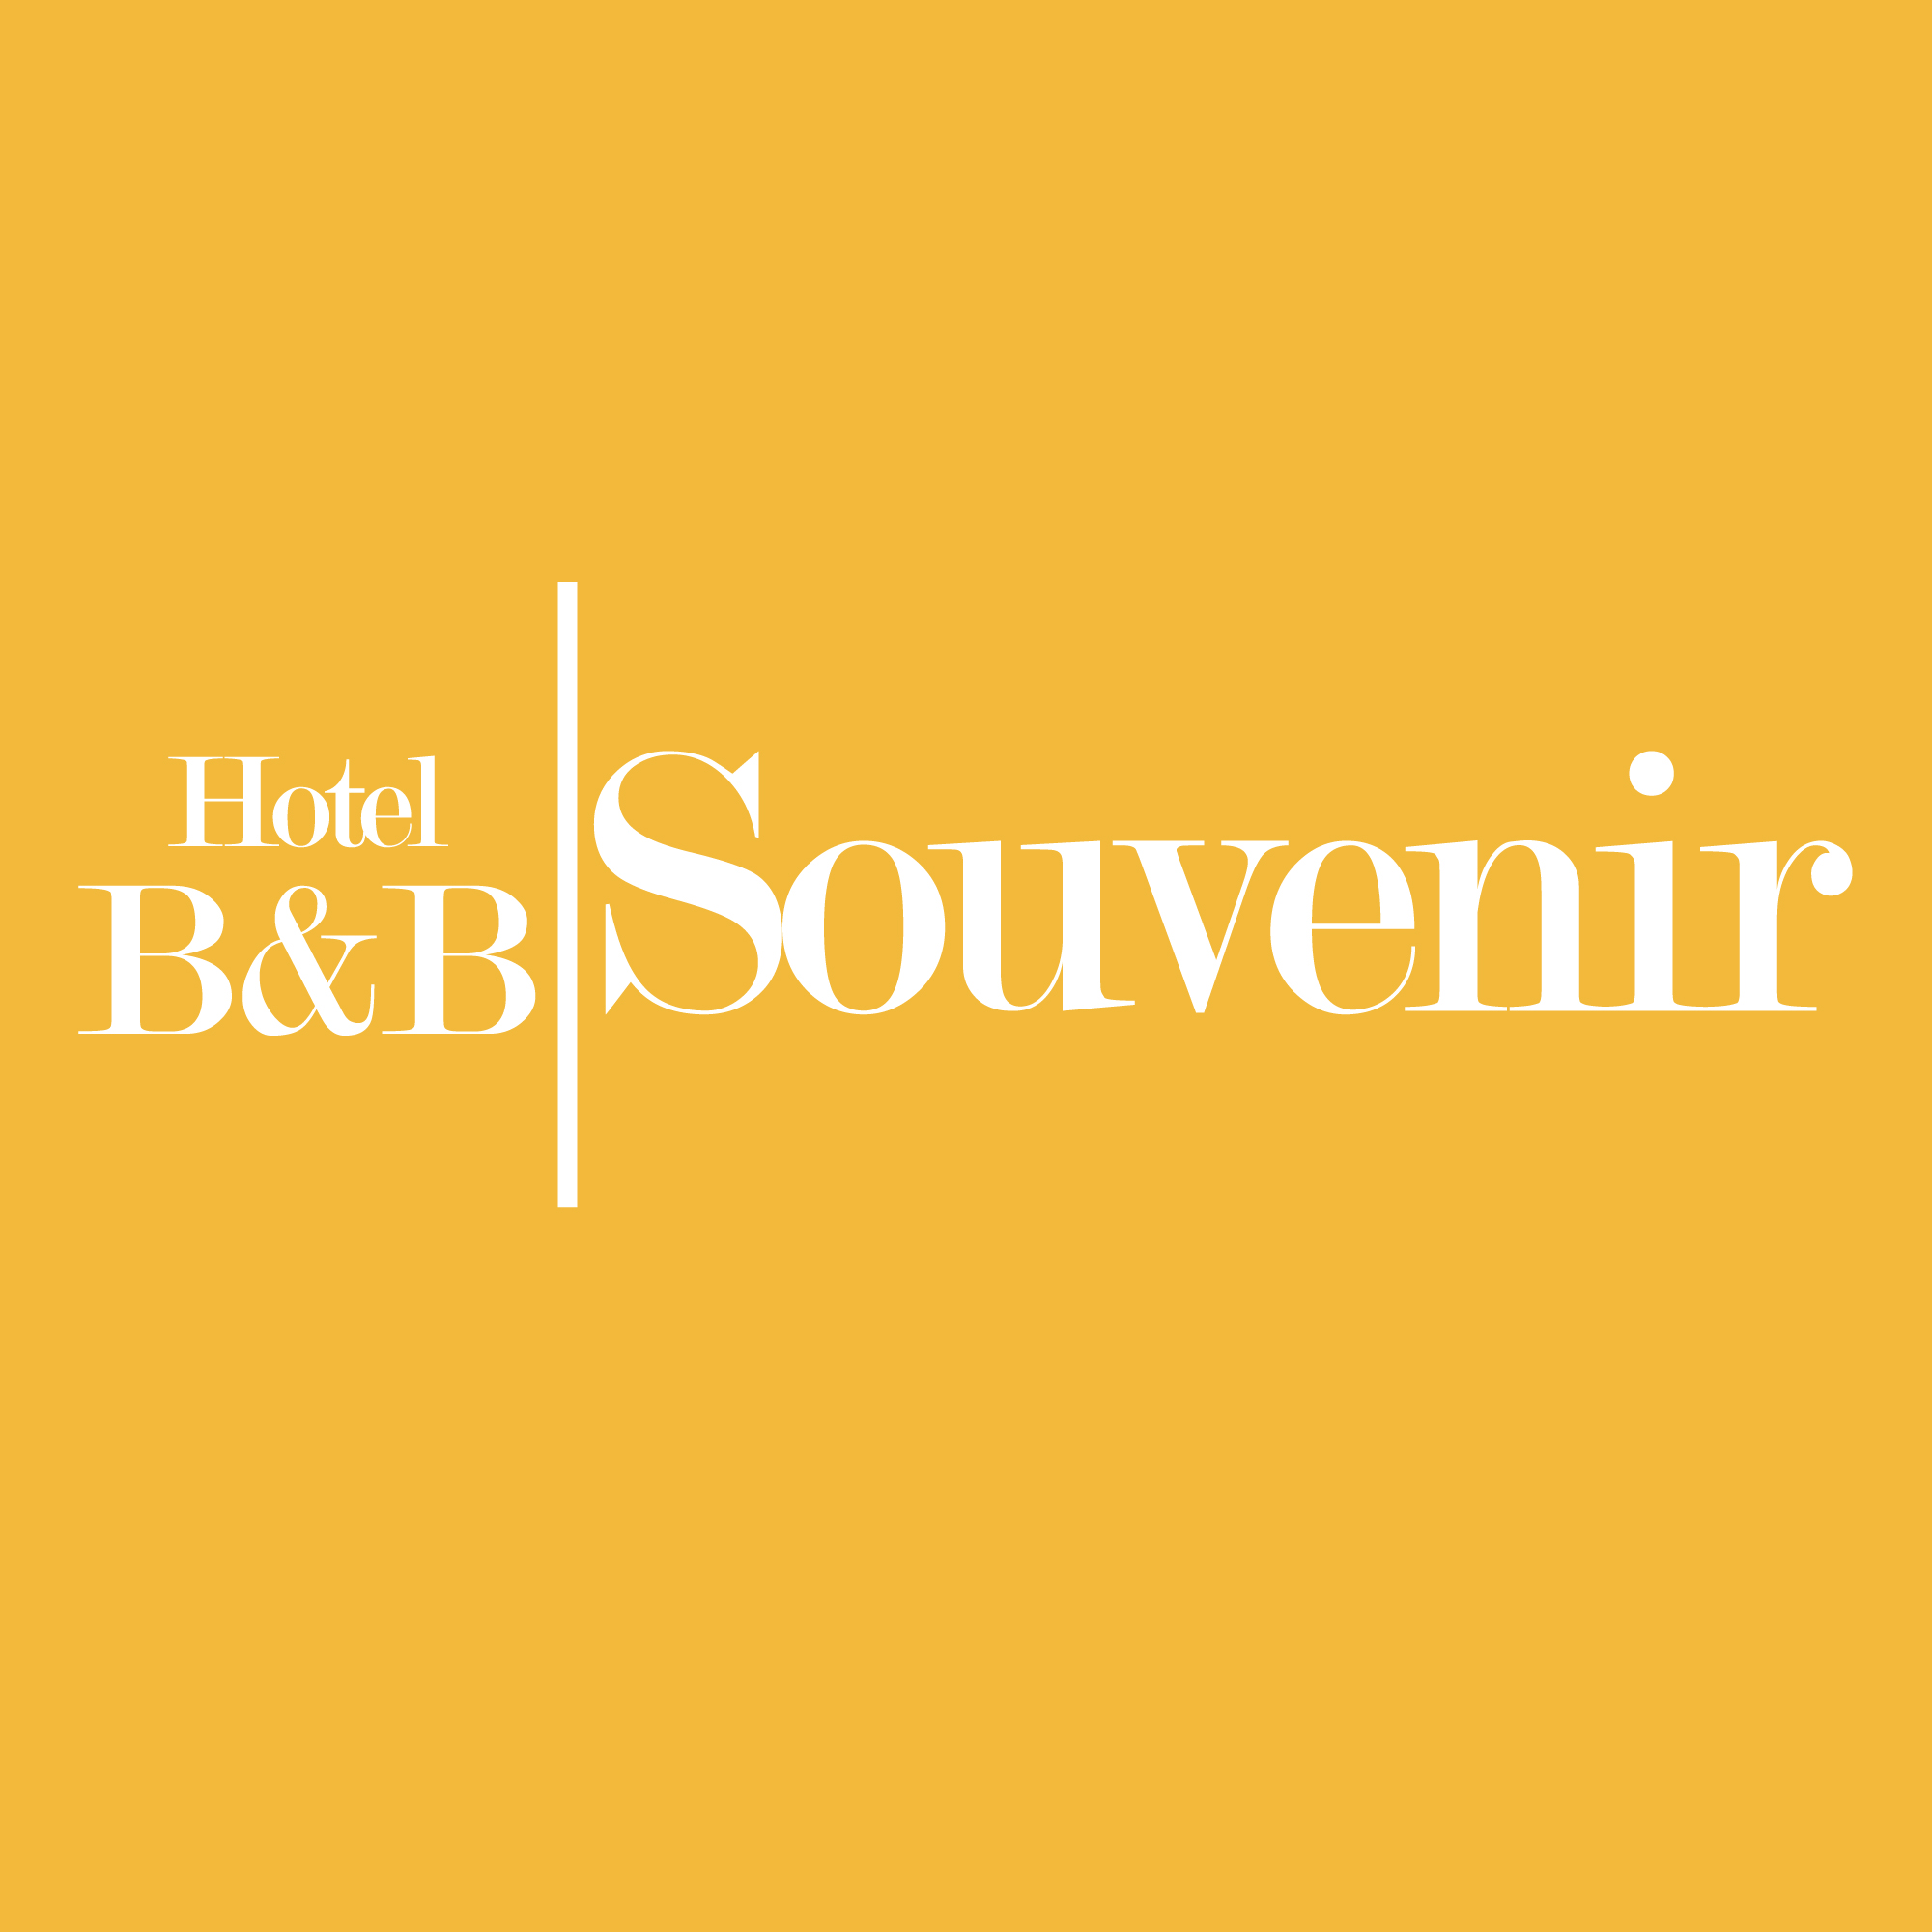 B&B Souvenir